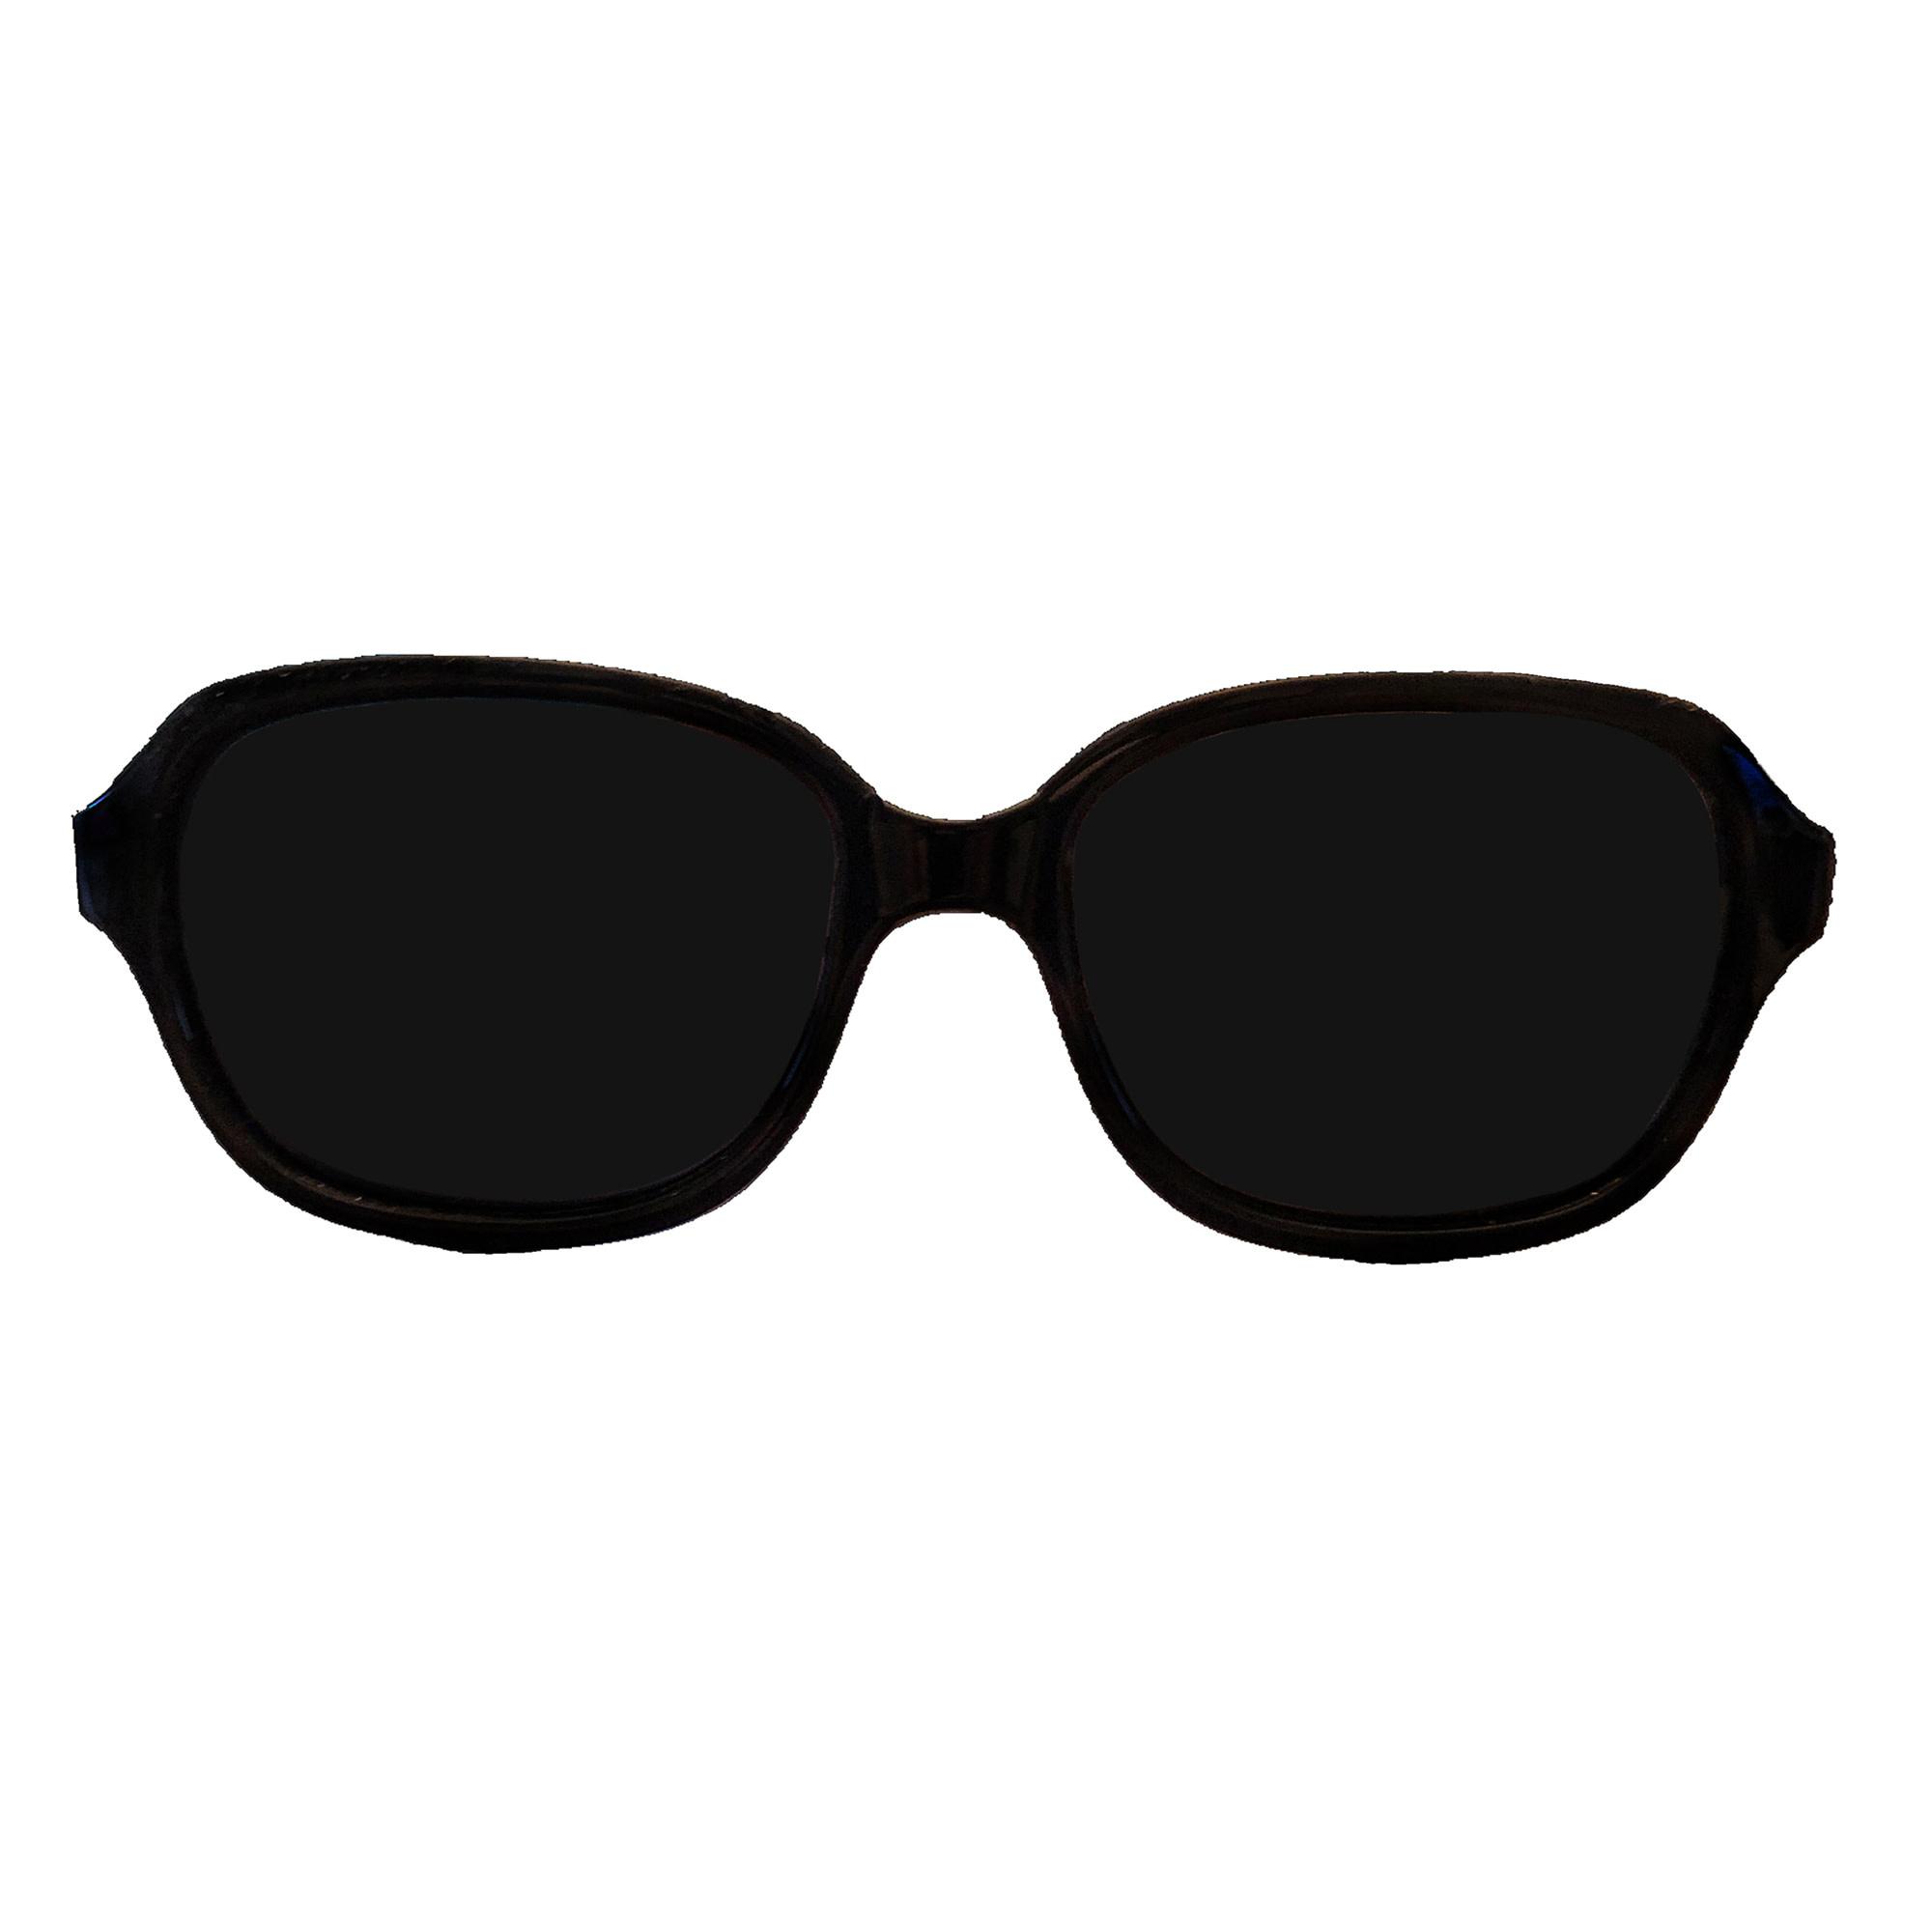 Babyfied Apparel Retro Squares Sunglasses - Black